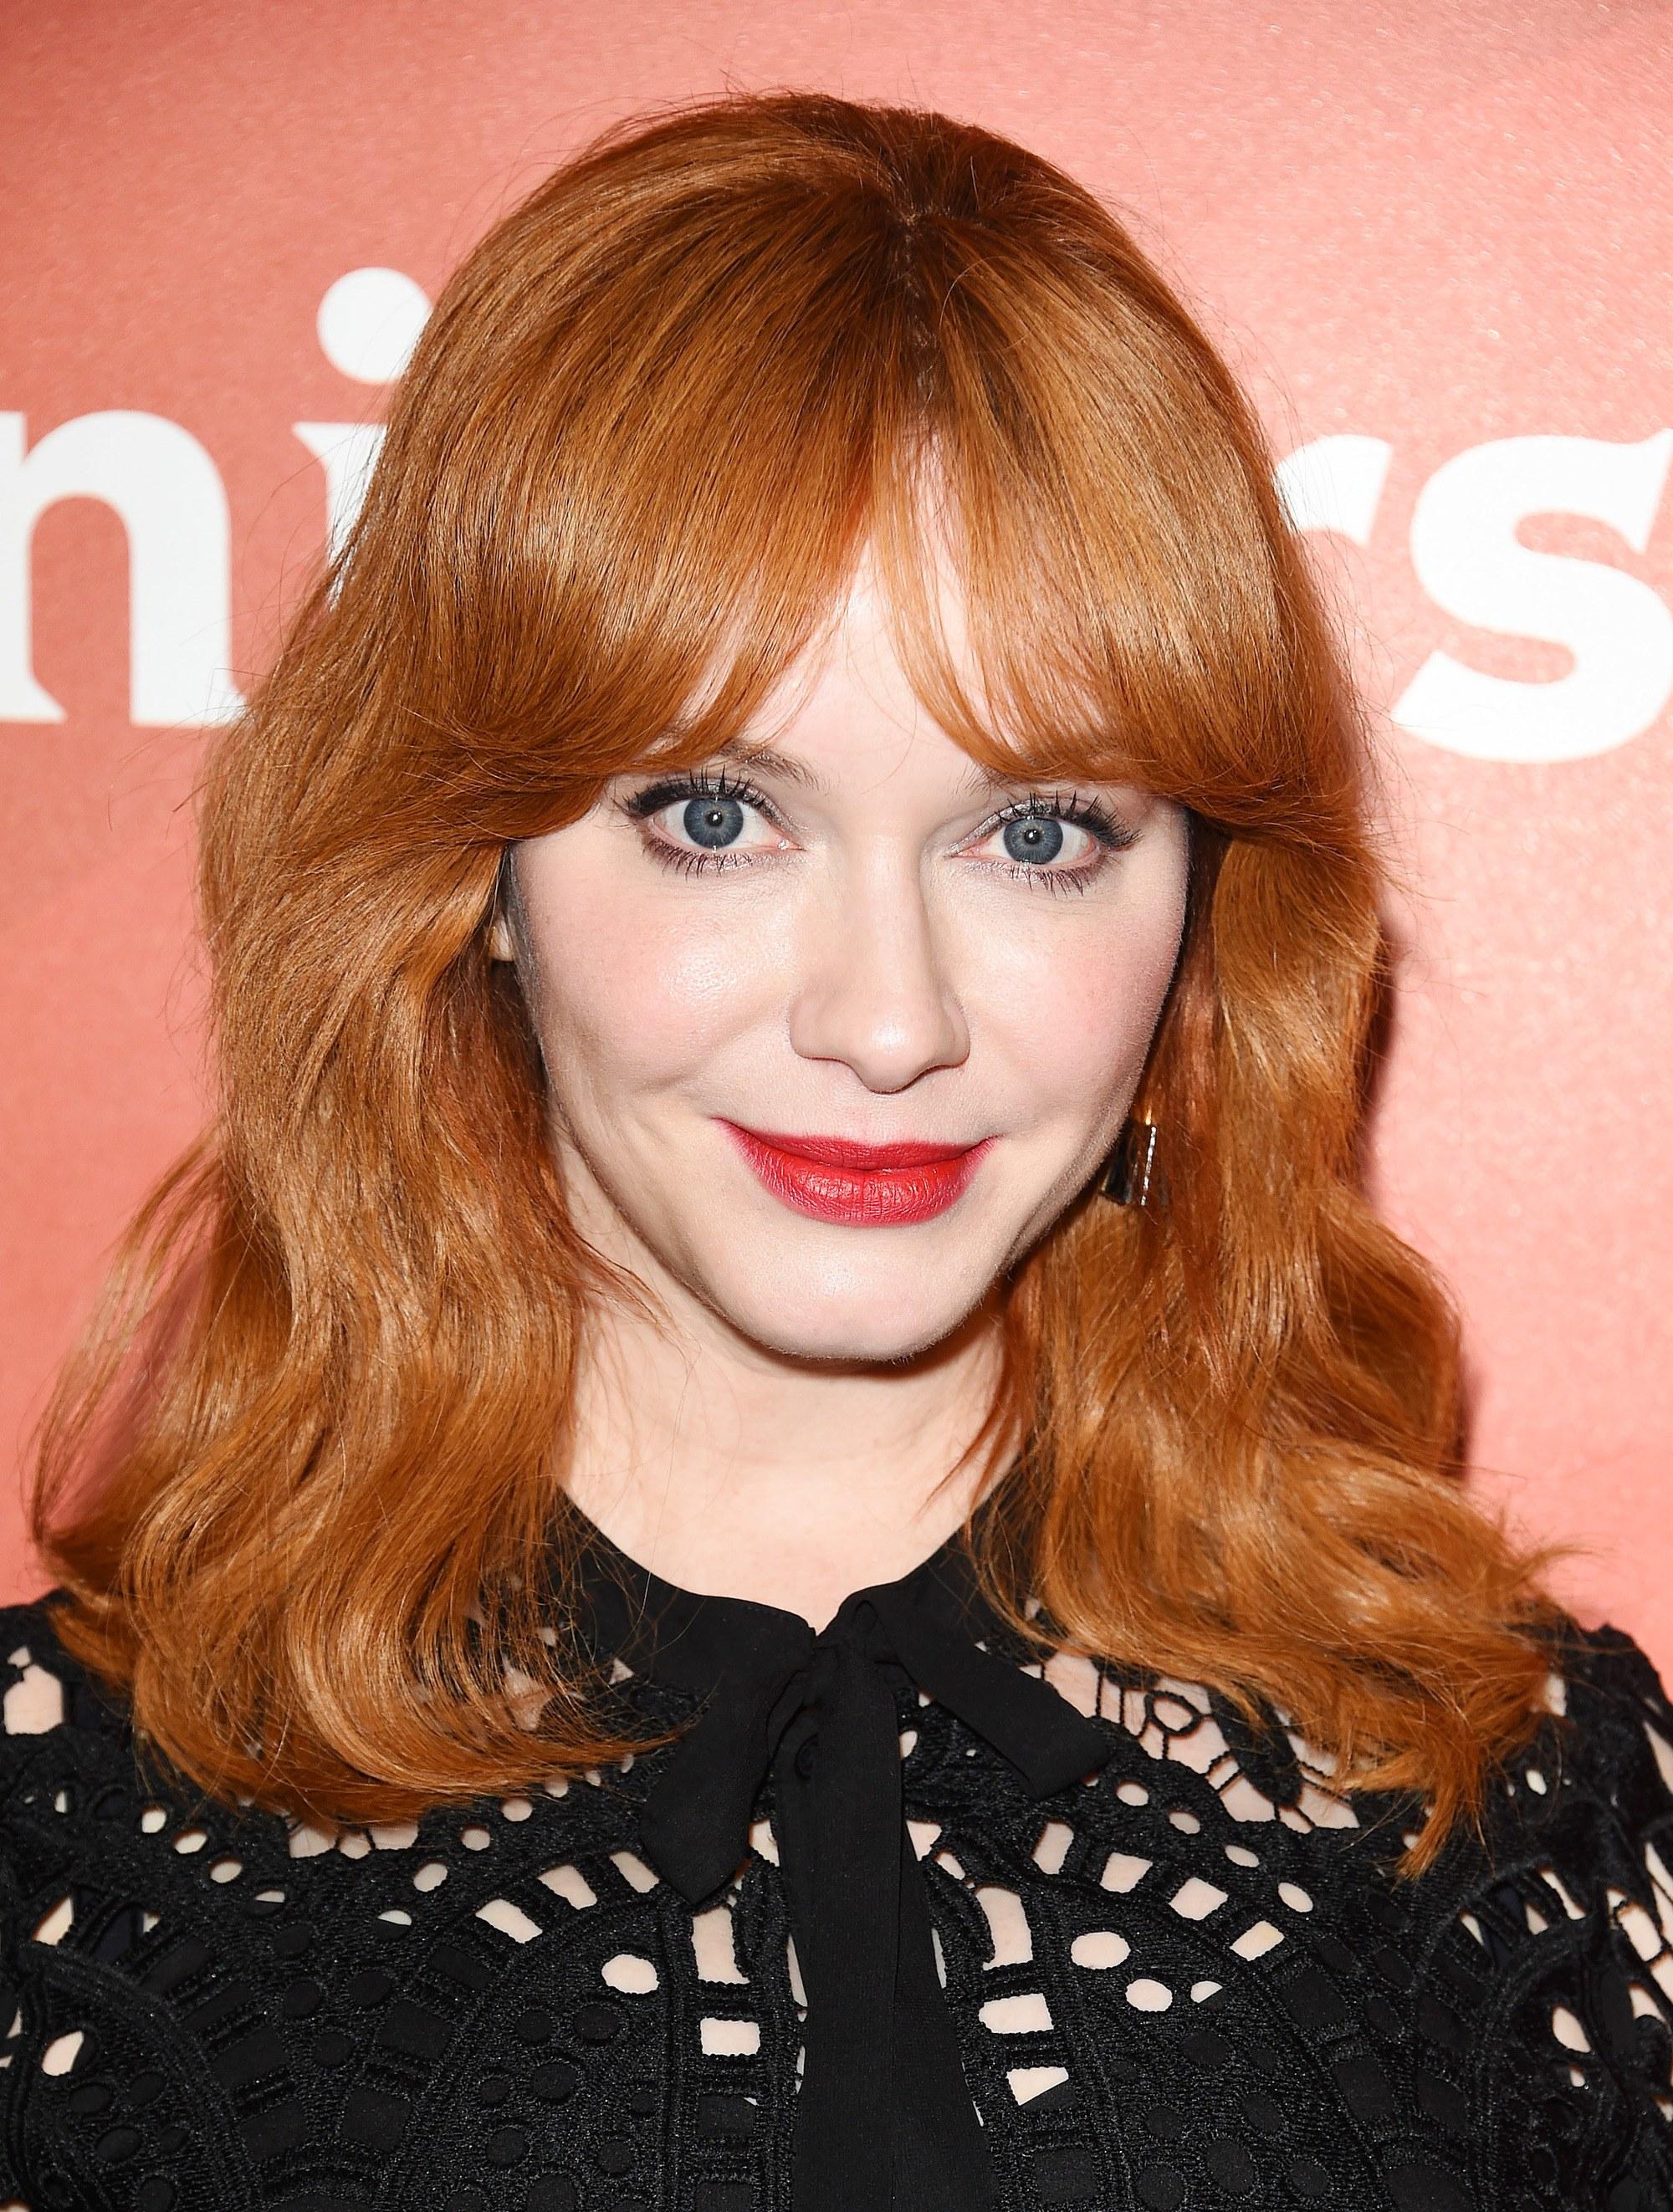 christina hendricks : cheveux roux ondulés de longueur moyenne et frange de bardot